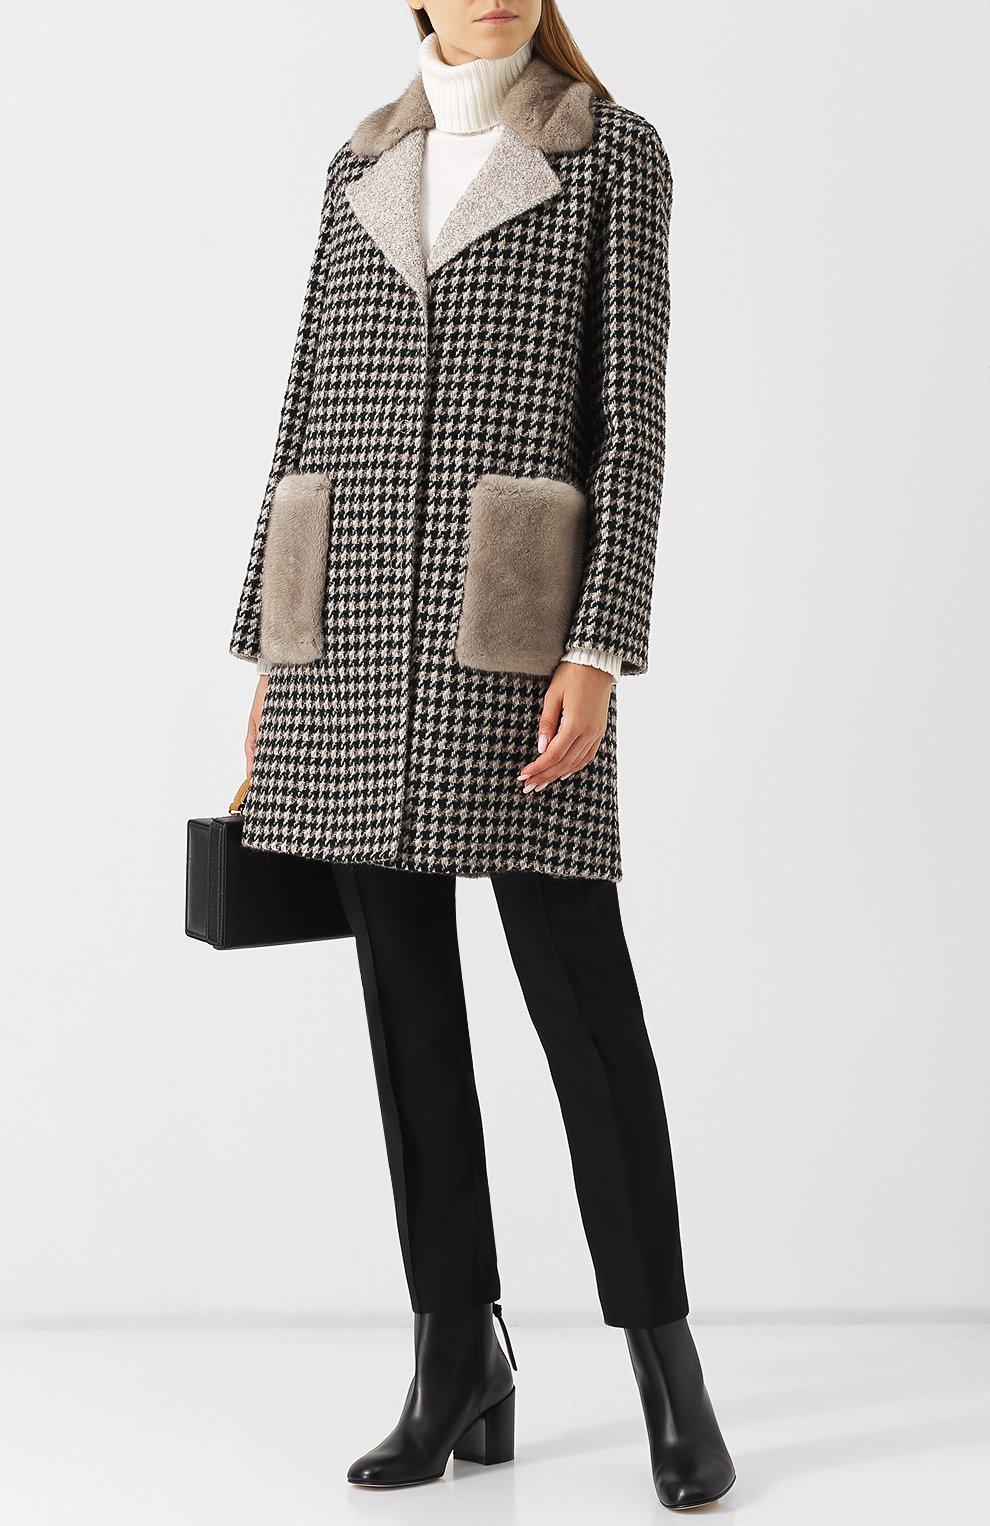 Шерстяное пальто с отделкой из меха норки MANZONI24 серого цвета ... 3eaef3650bfa3